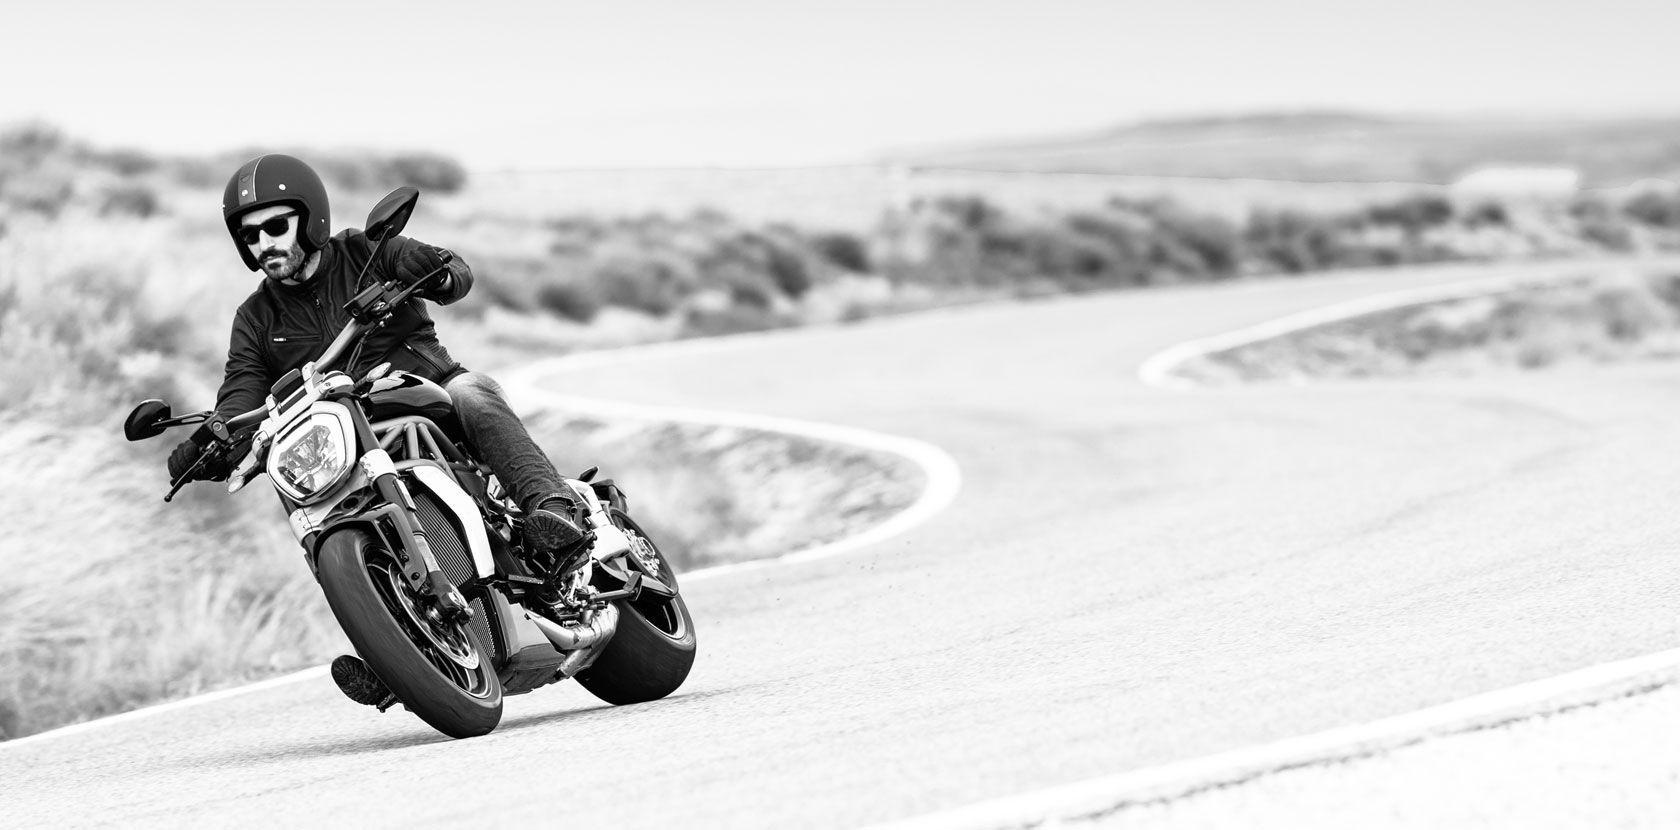 2016 Ducati XDiavel S | XDiavel - Turning